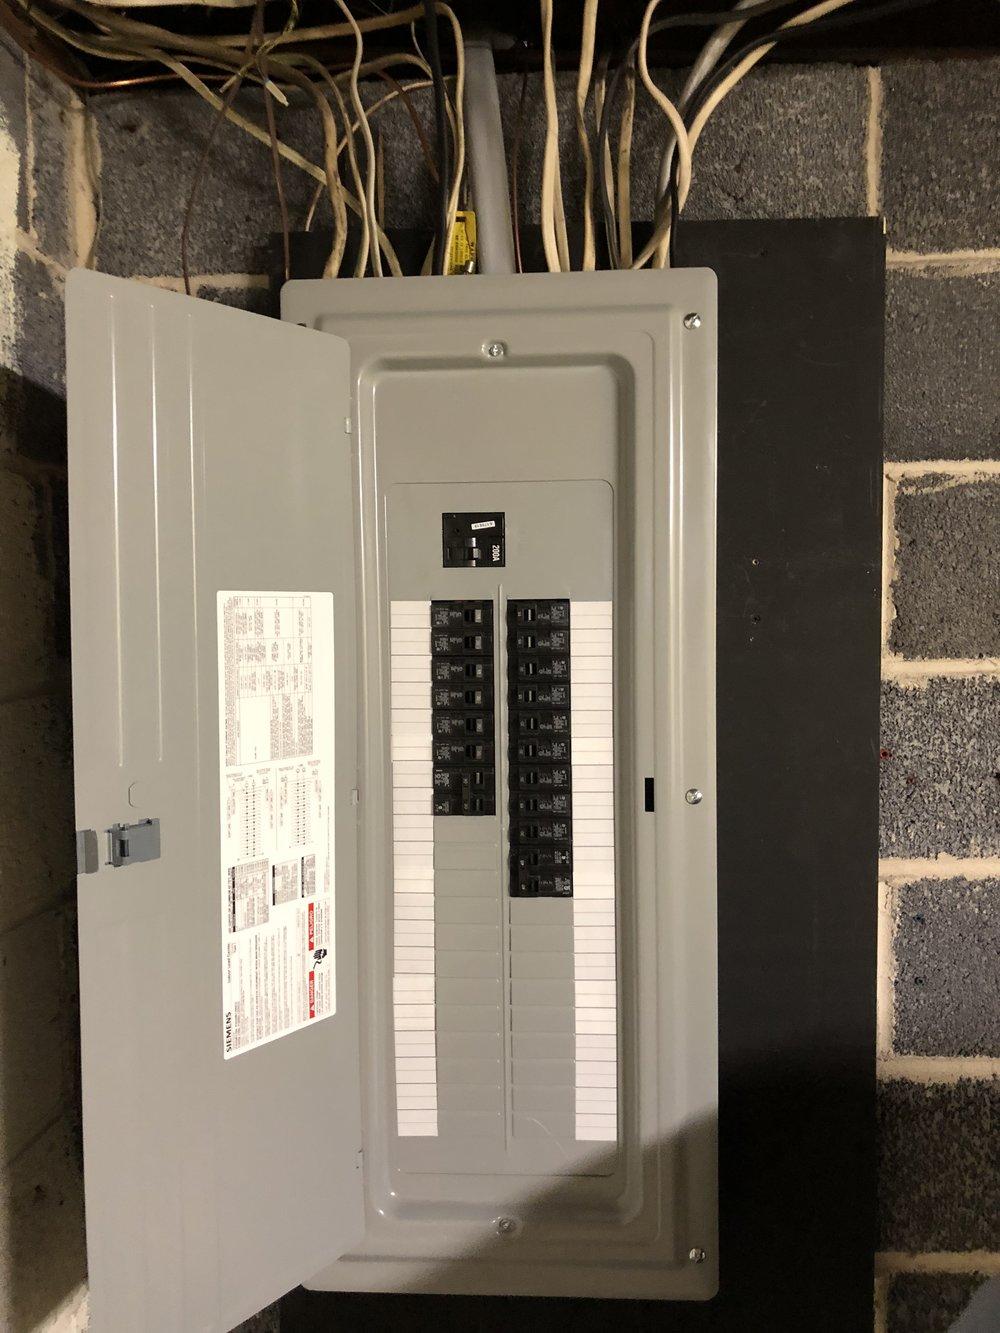 100 amp panel